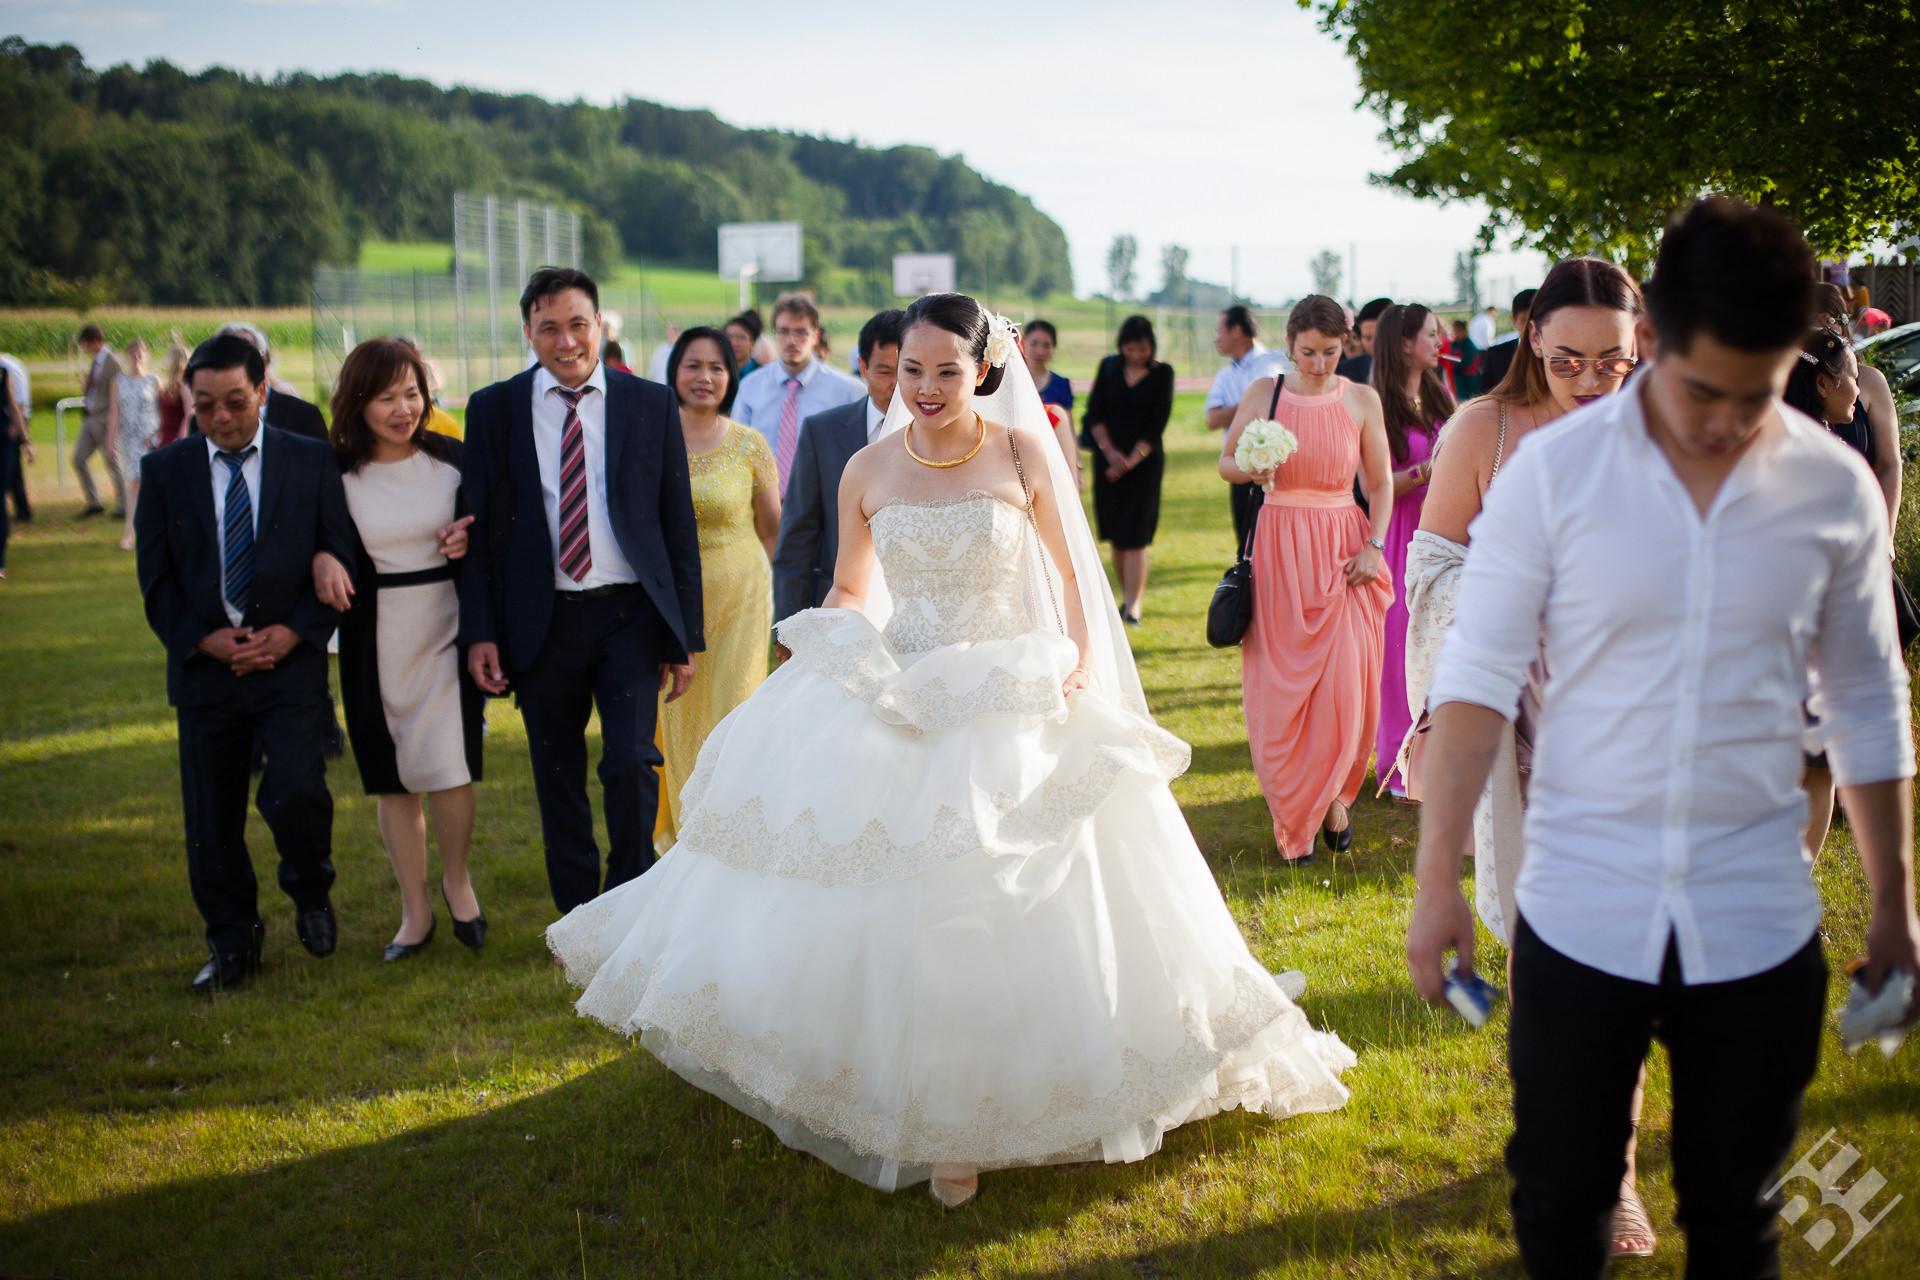 Hochzeit_83_IMG_0064-2_Volen_Evtimov